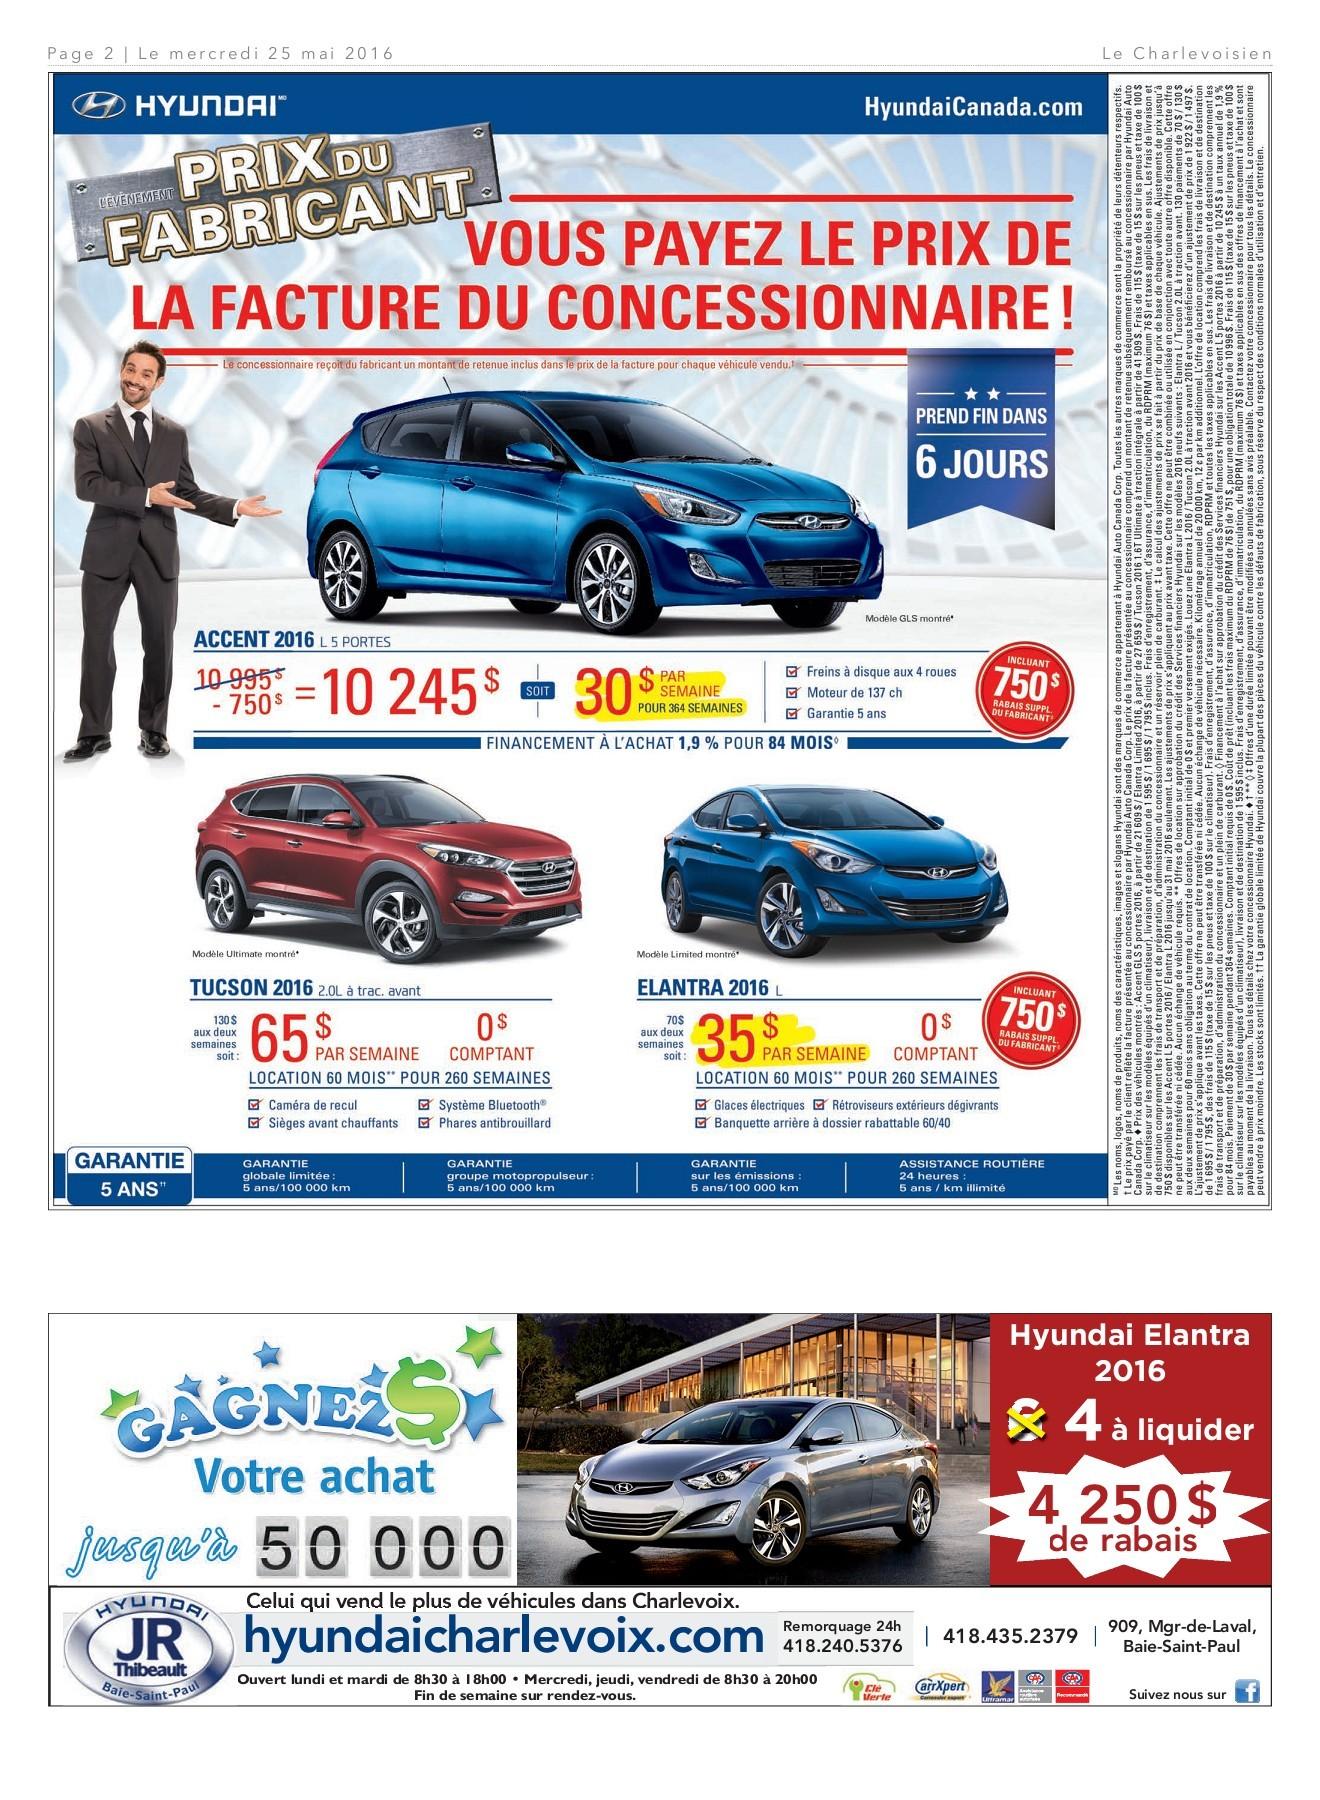 Leclerc Le Plus Proche Luxe Le Charlevoisien 25 Mai 2016 Pages 1 48 Text Version Of 27 Beau Leclerc Le Plus Proche